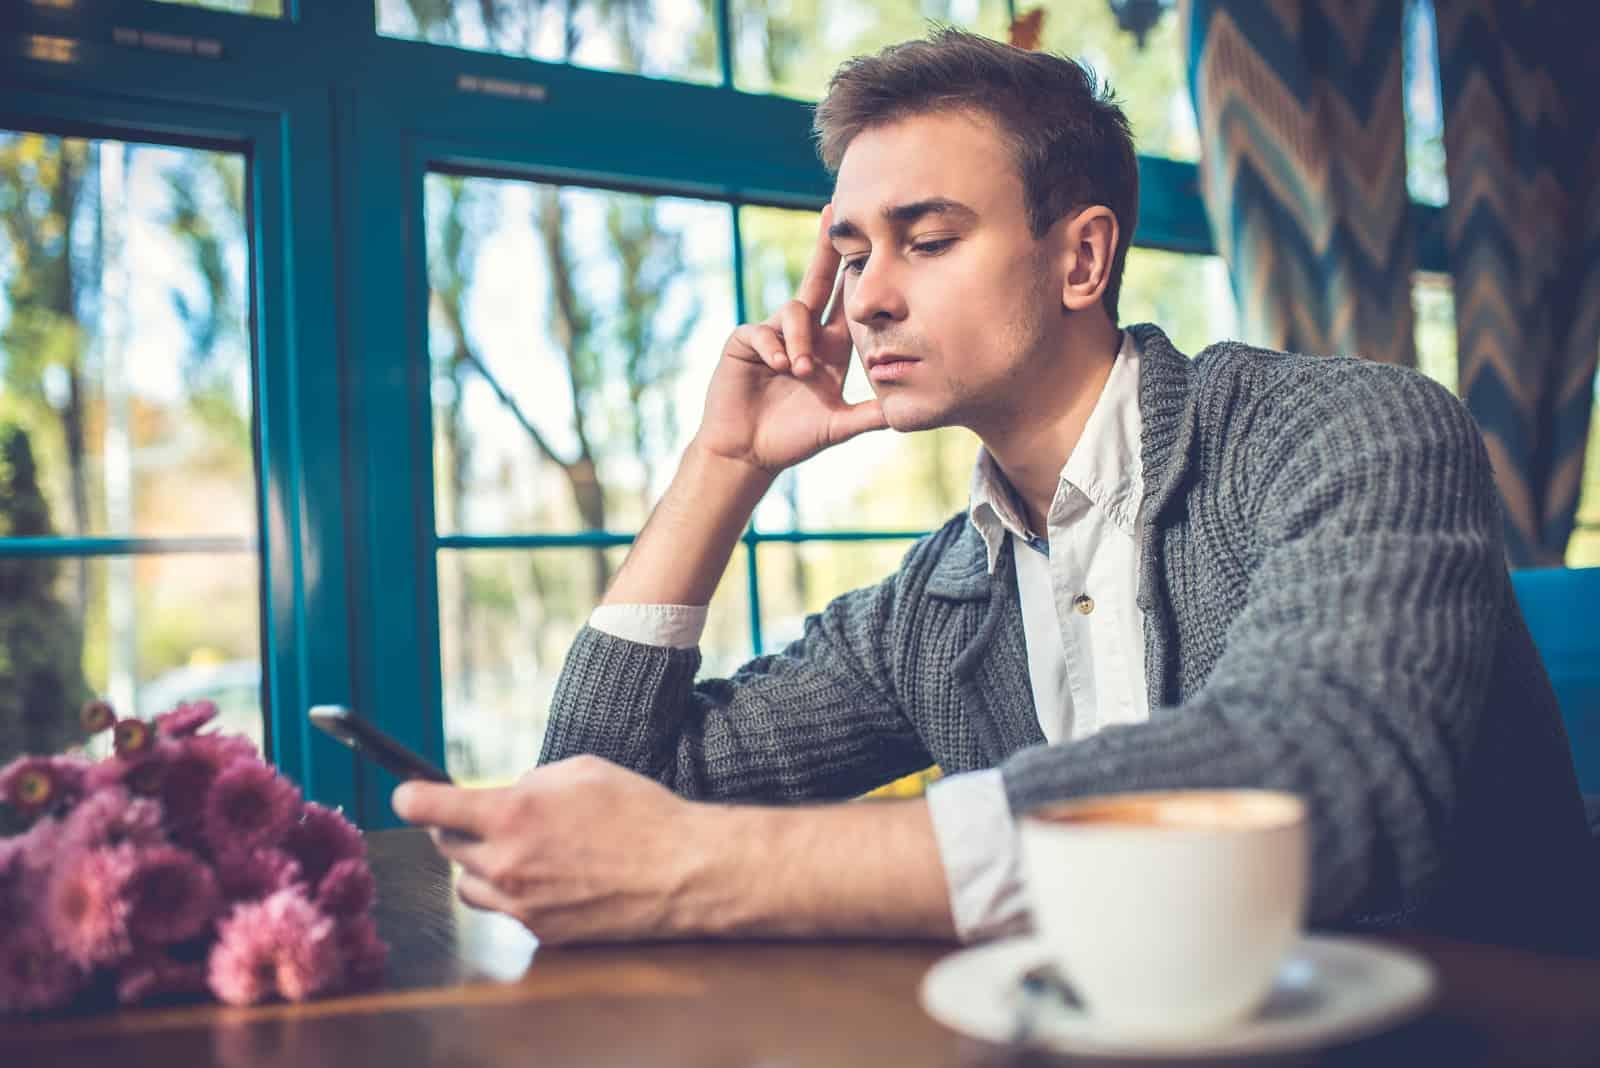 un homme est assis en train de boire du café et une clé au téléphone